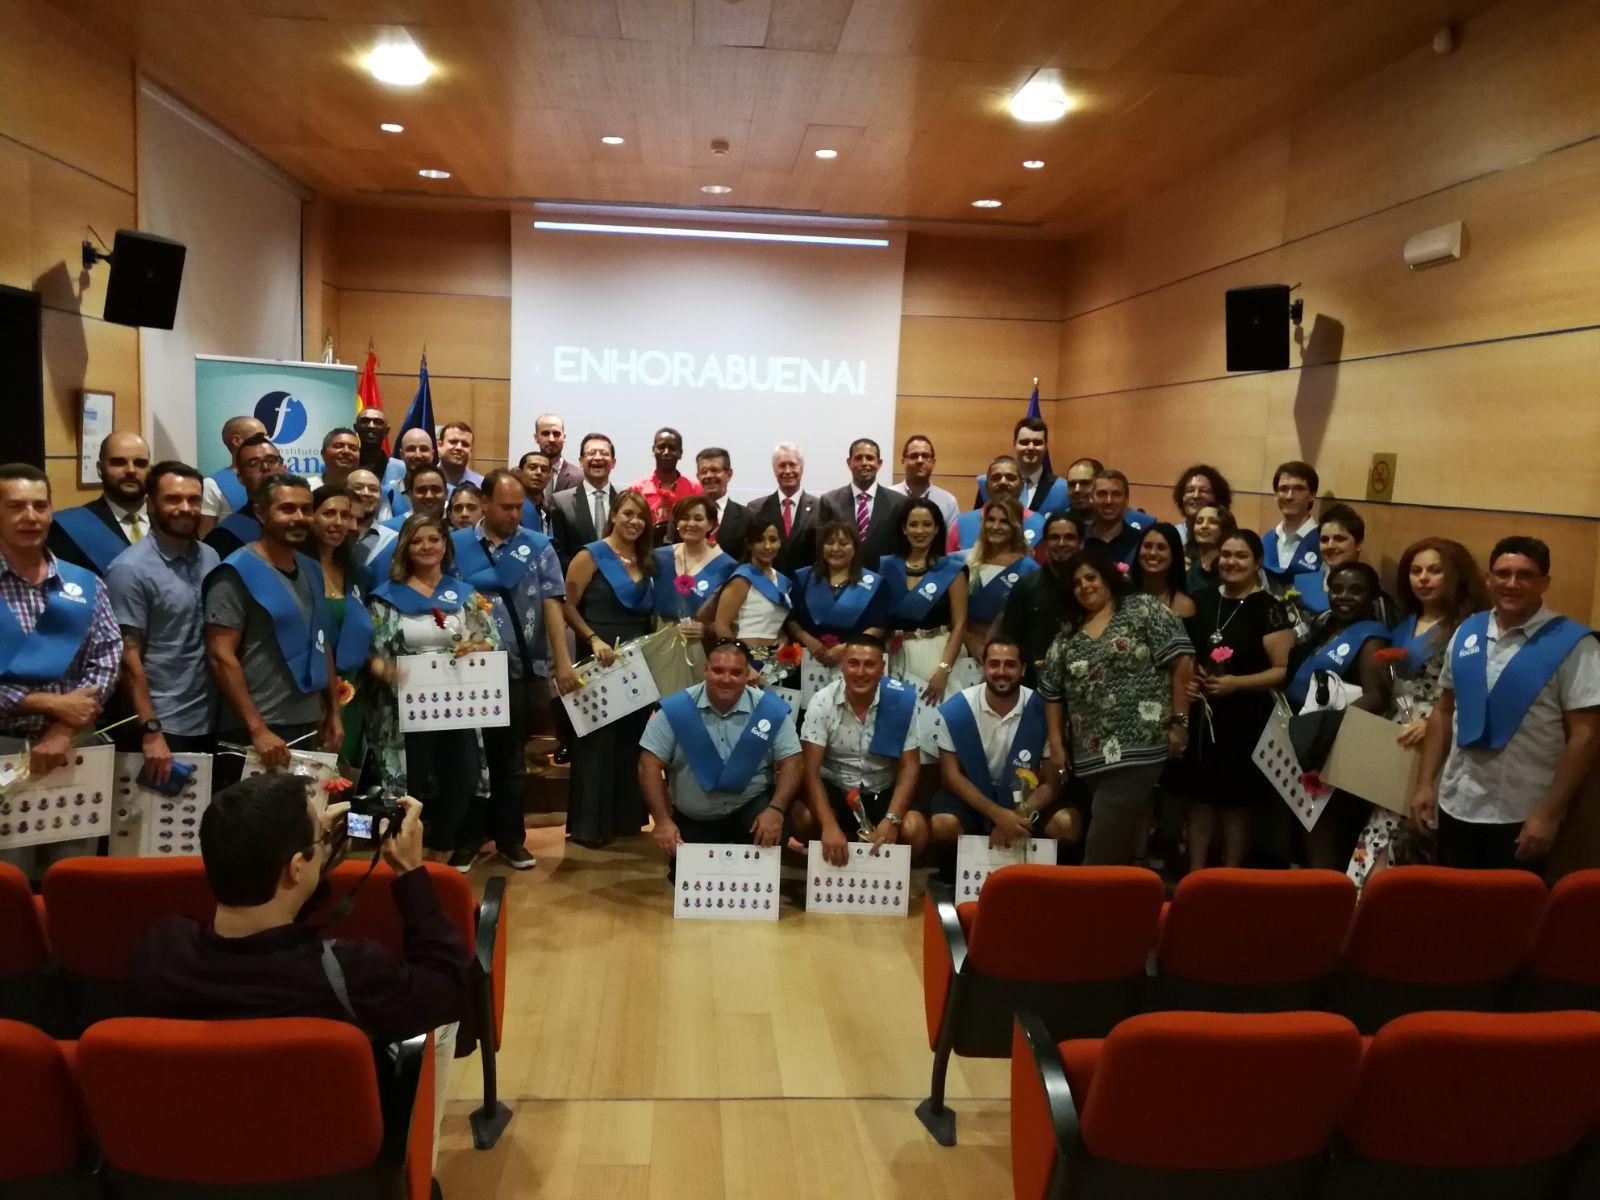 Foto de grupo de los asistentes a la entrega de orlas